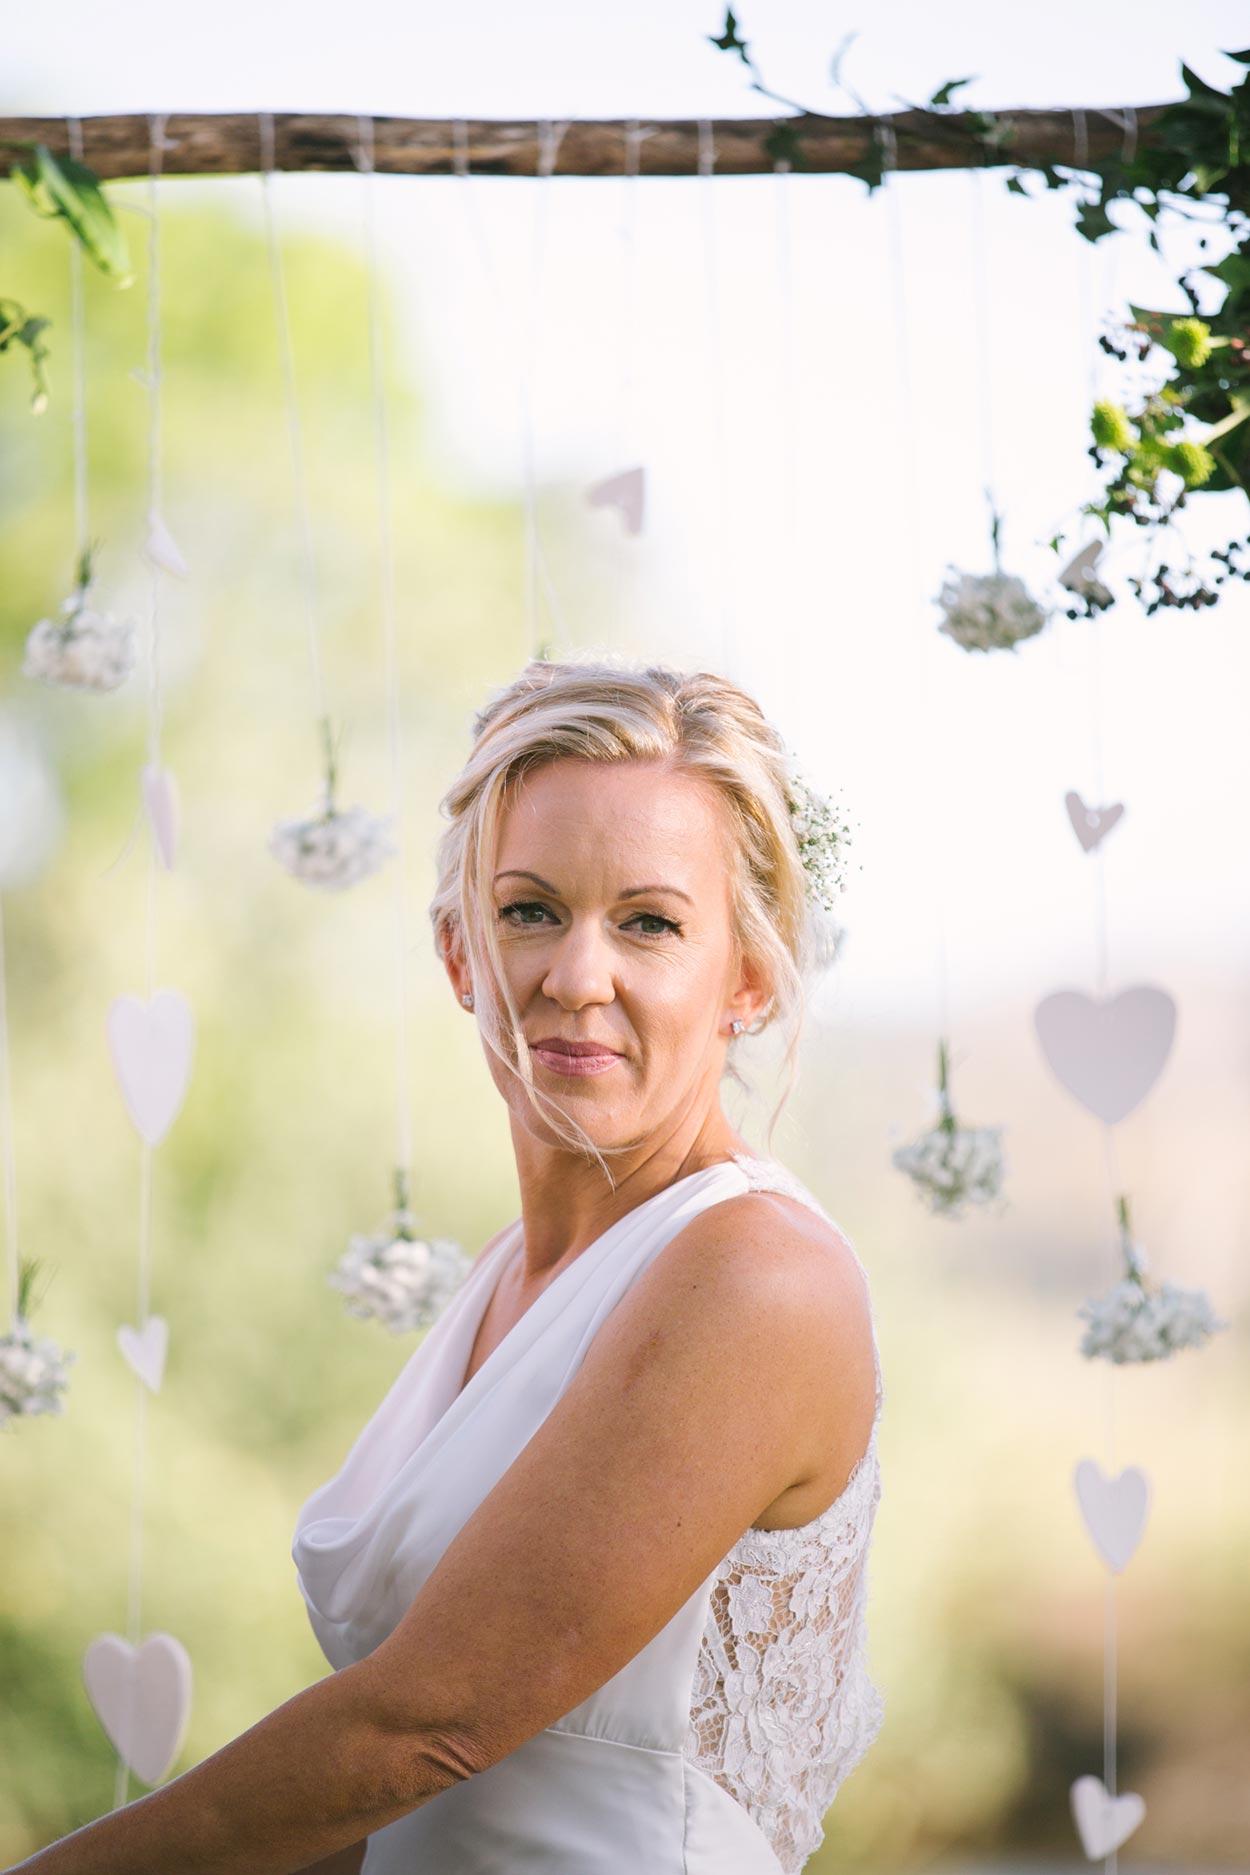 Natural Style, Queensland Elopement - Flaxton, Sunshine Coast Hinterland Wedding Destination Photographer